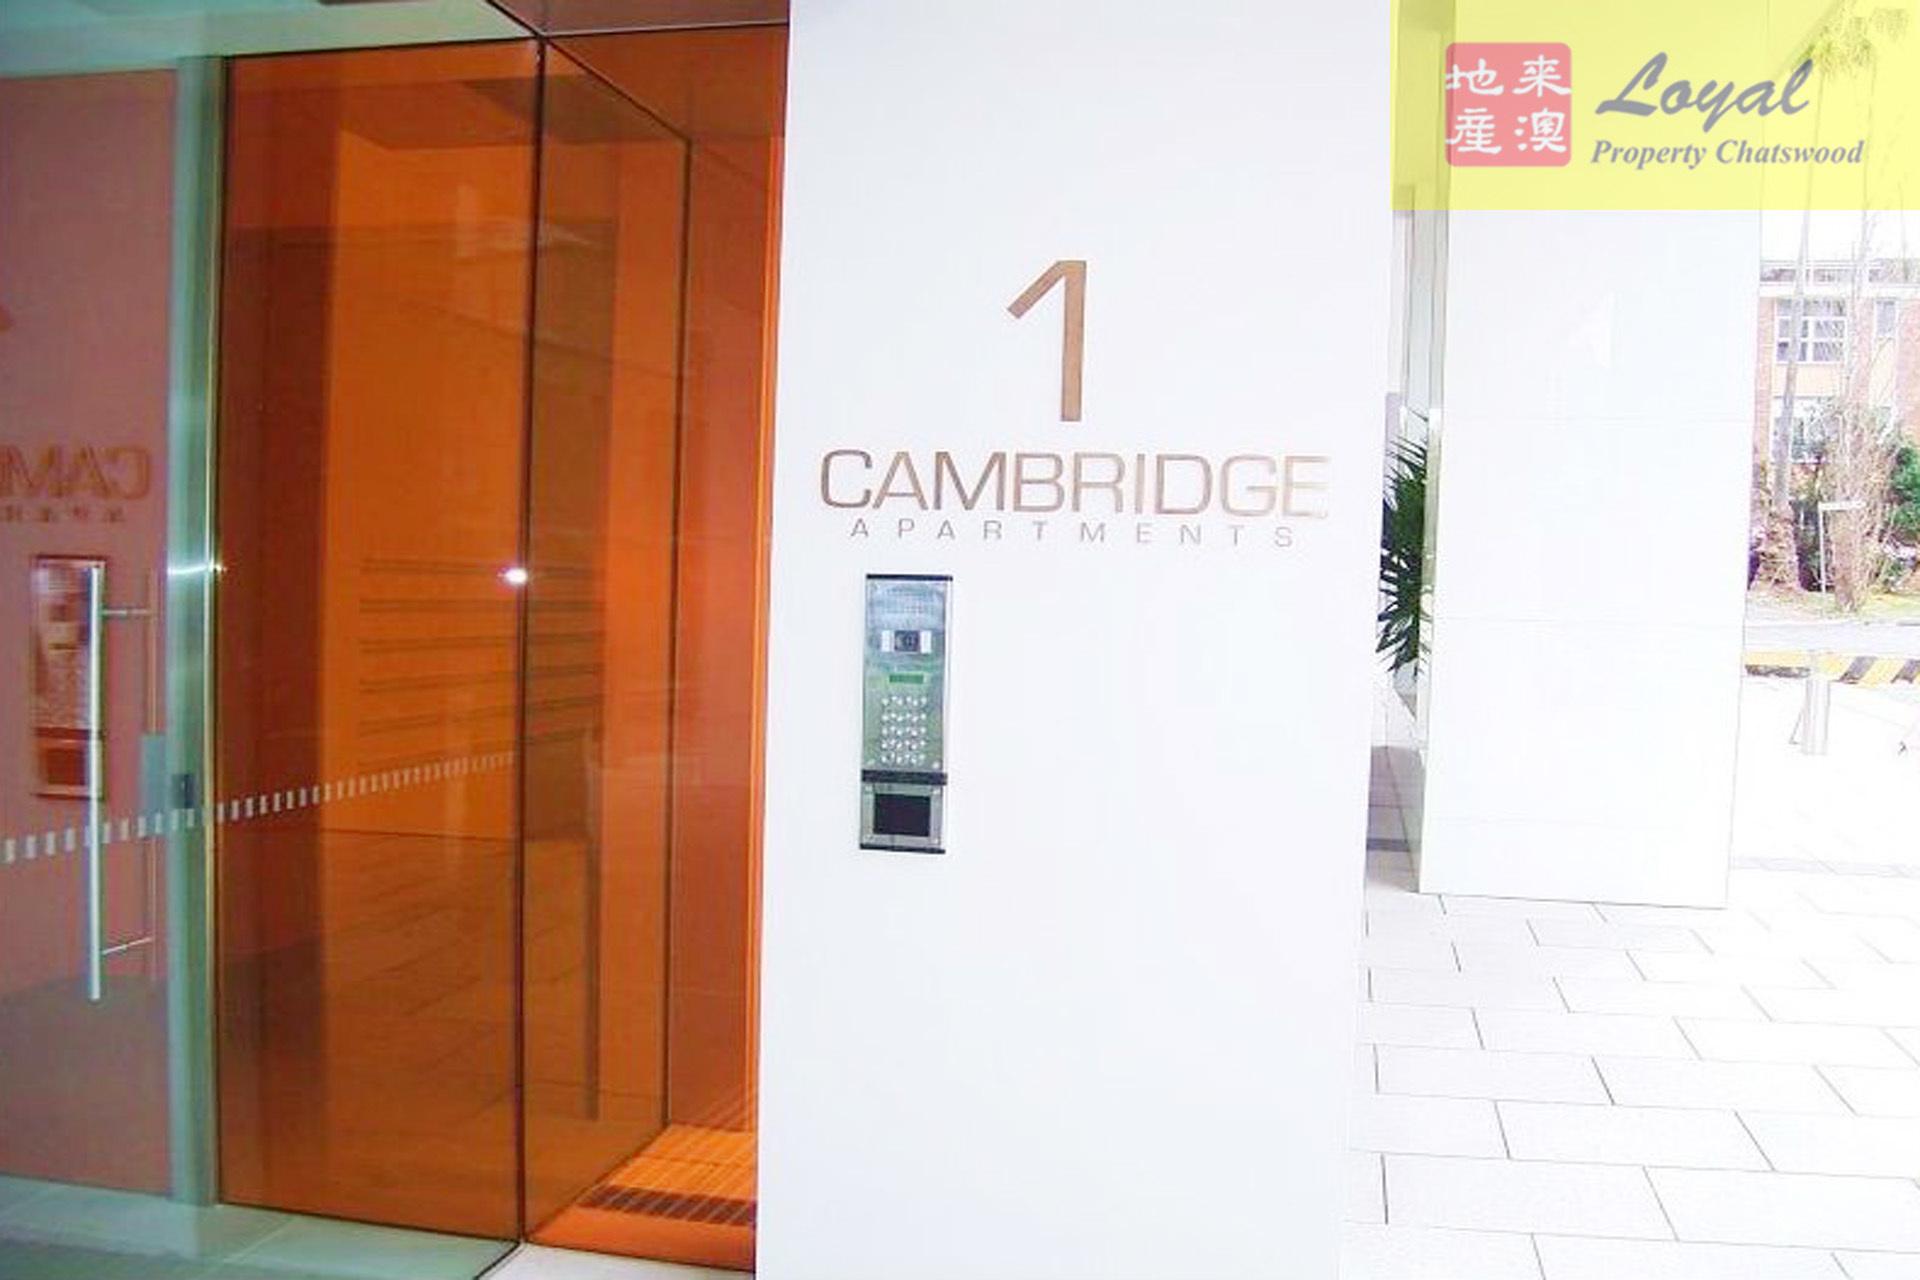 402/1 Cambridge  Lane,  Chatswood